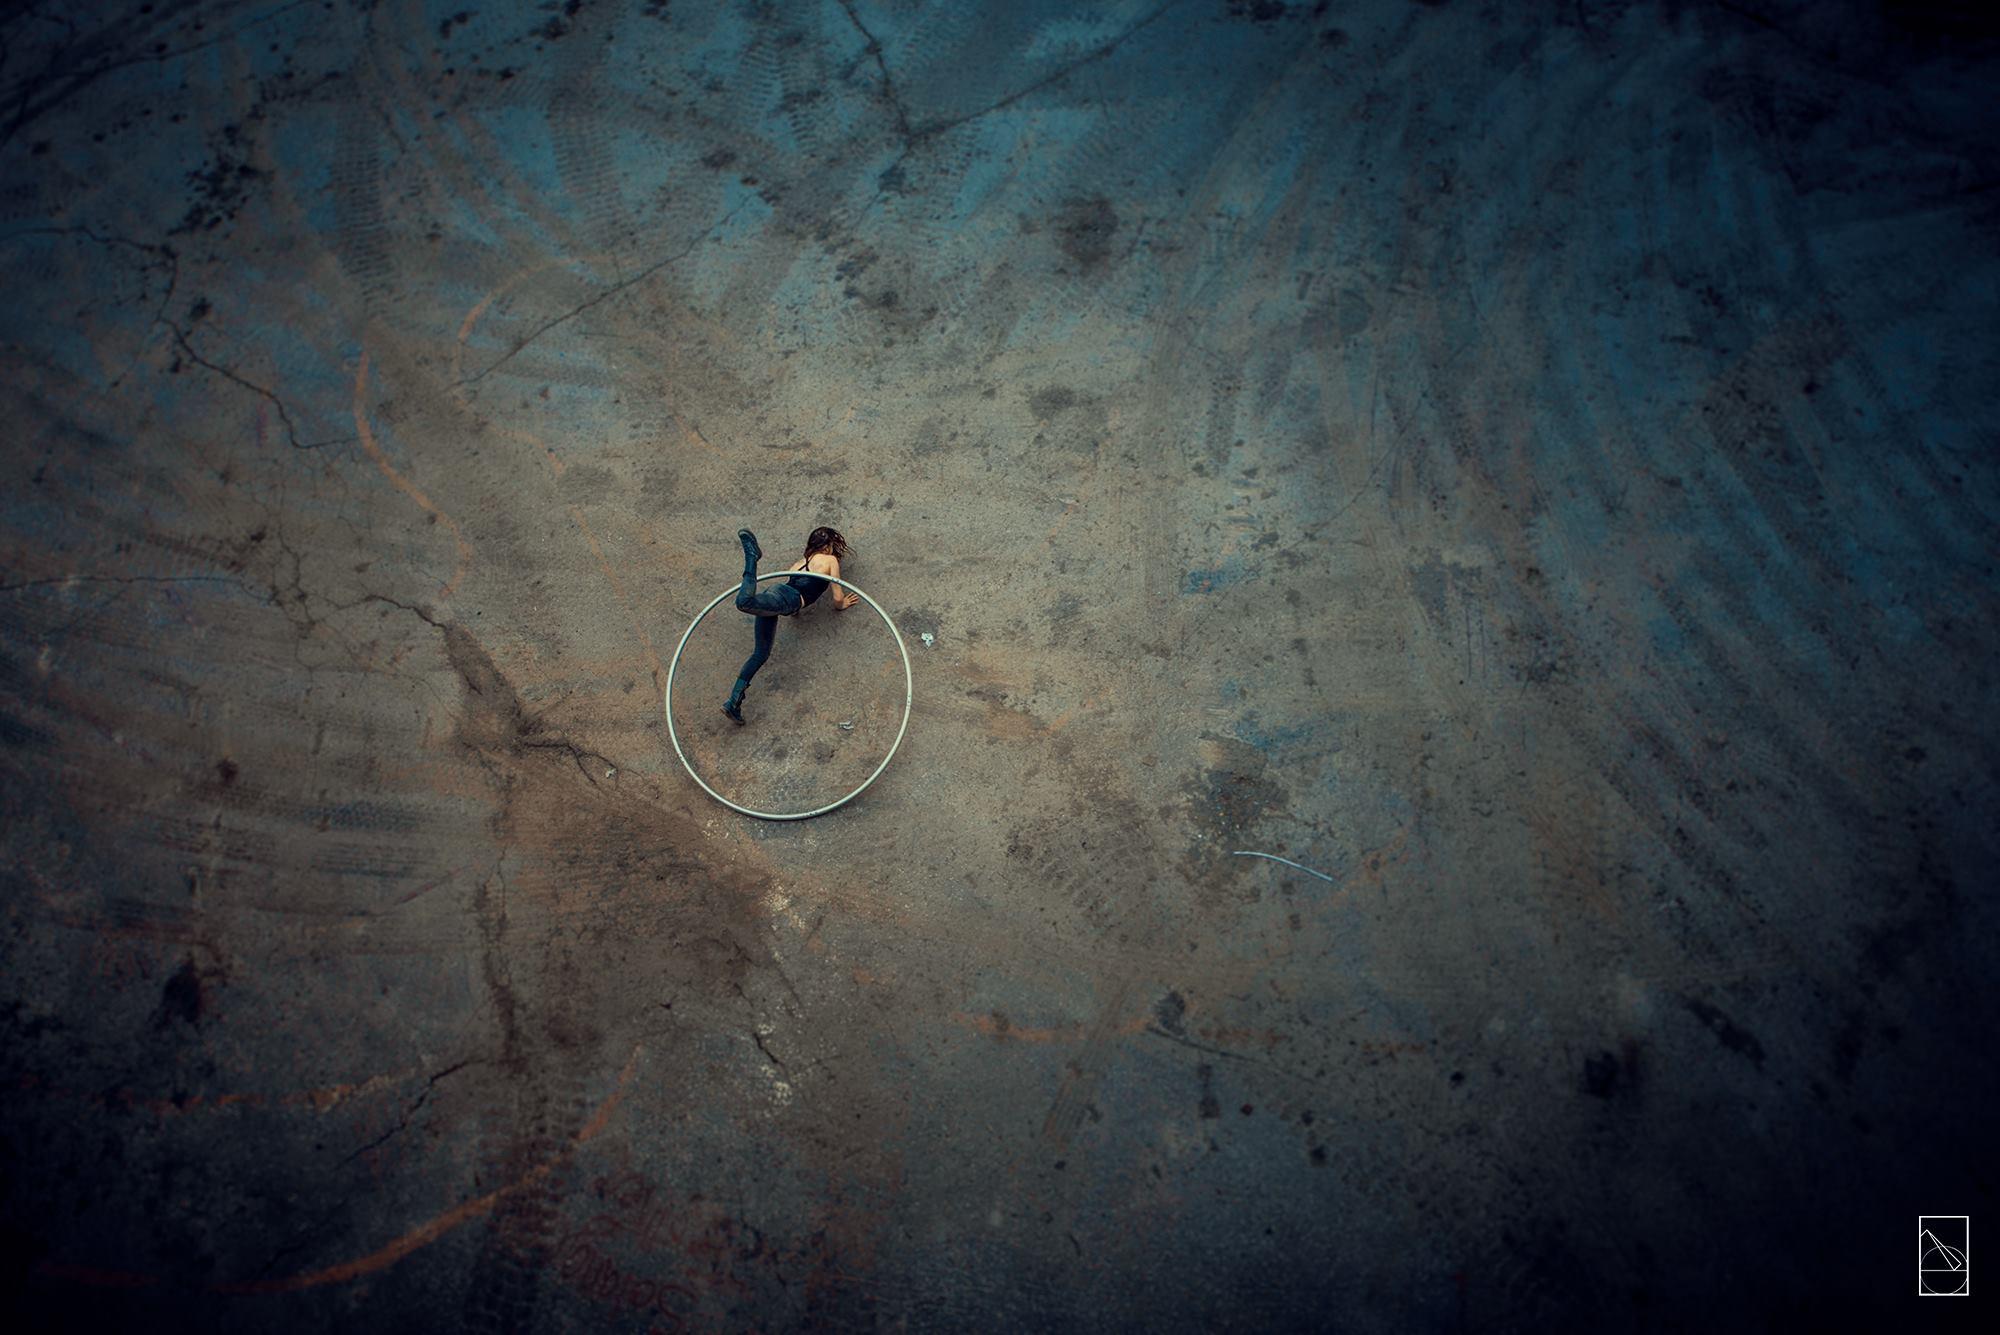 rachel cyr - photo par Vincent Zenzel - Photo couverture - p3.jpg